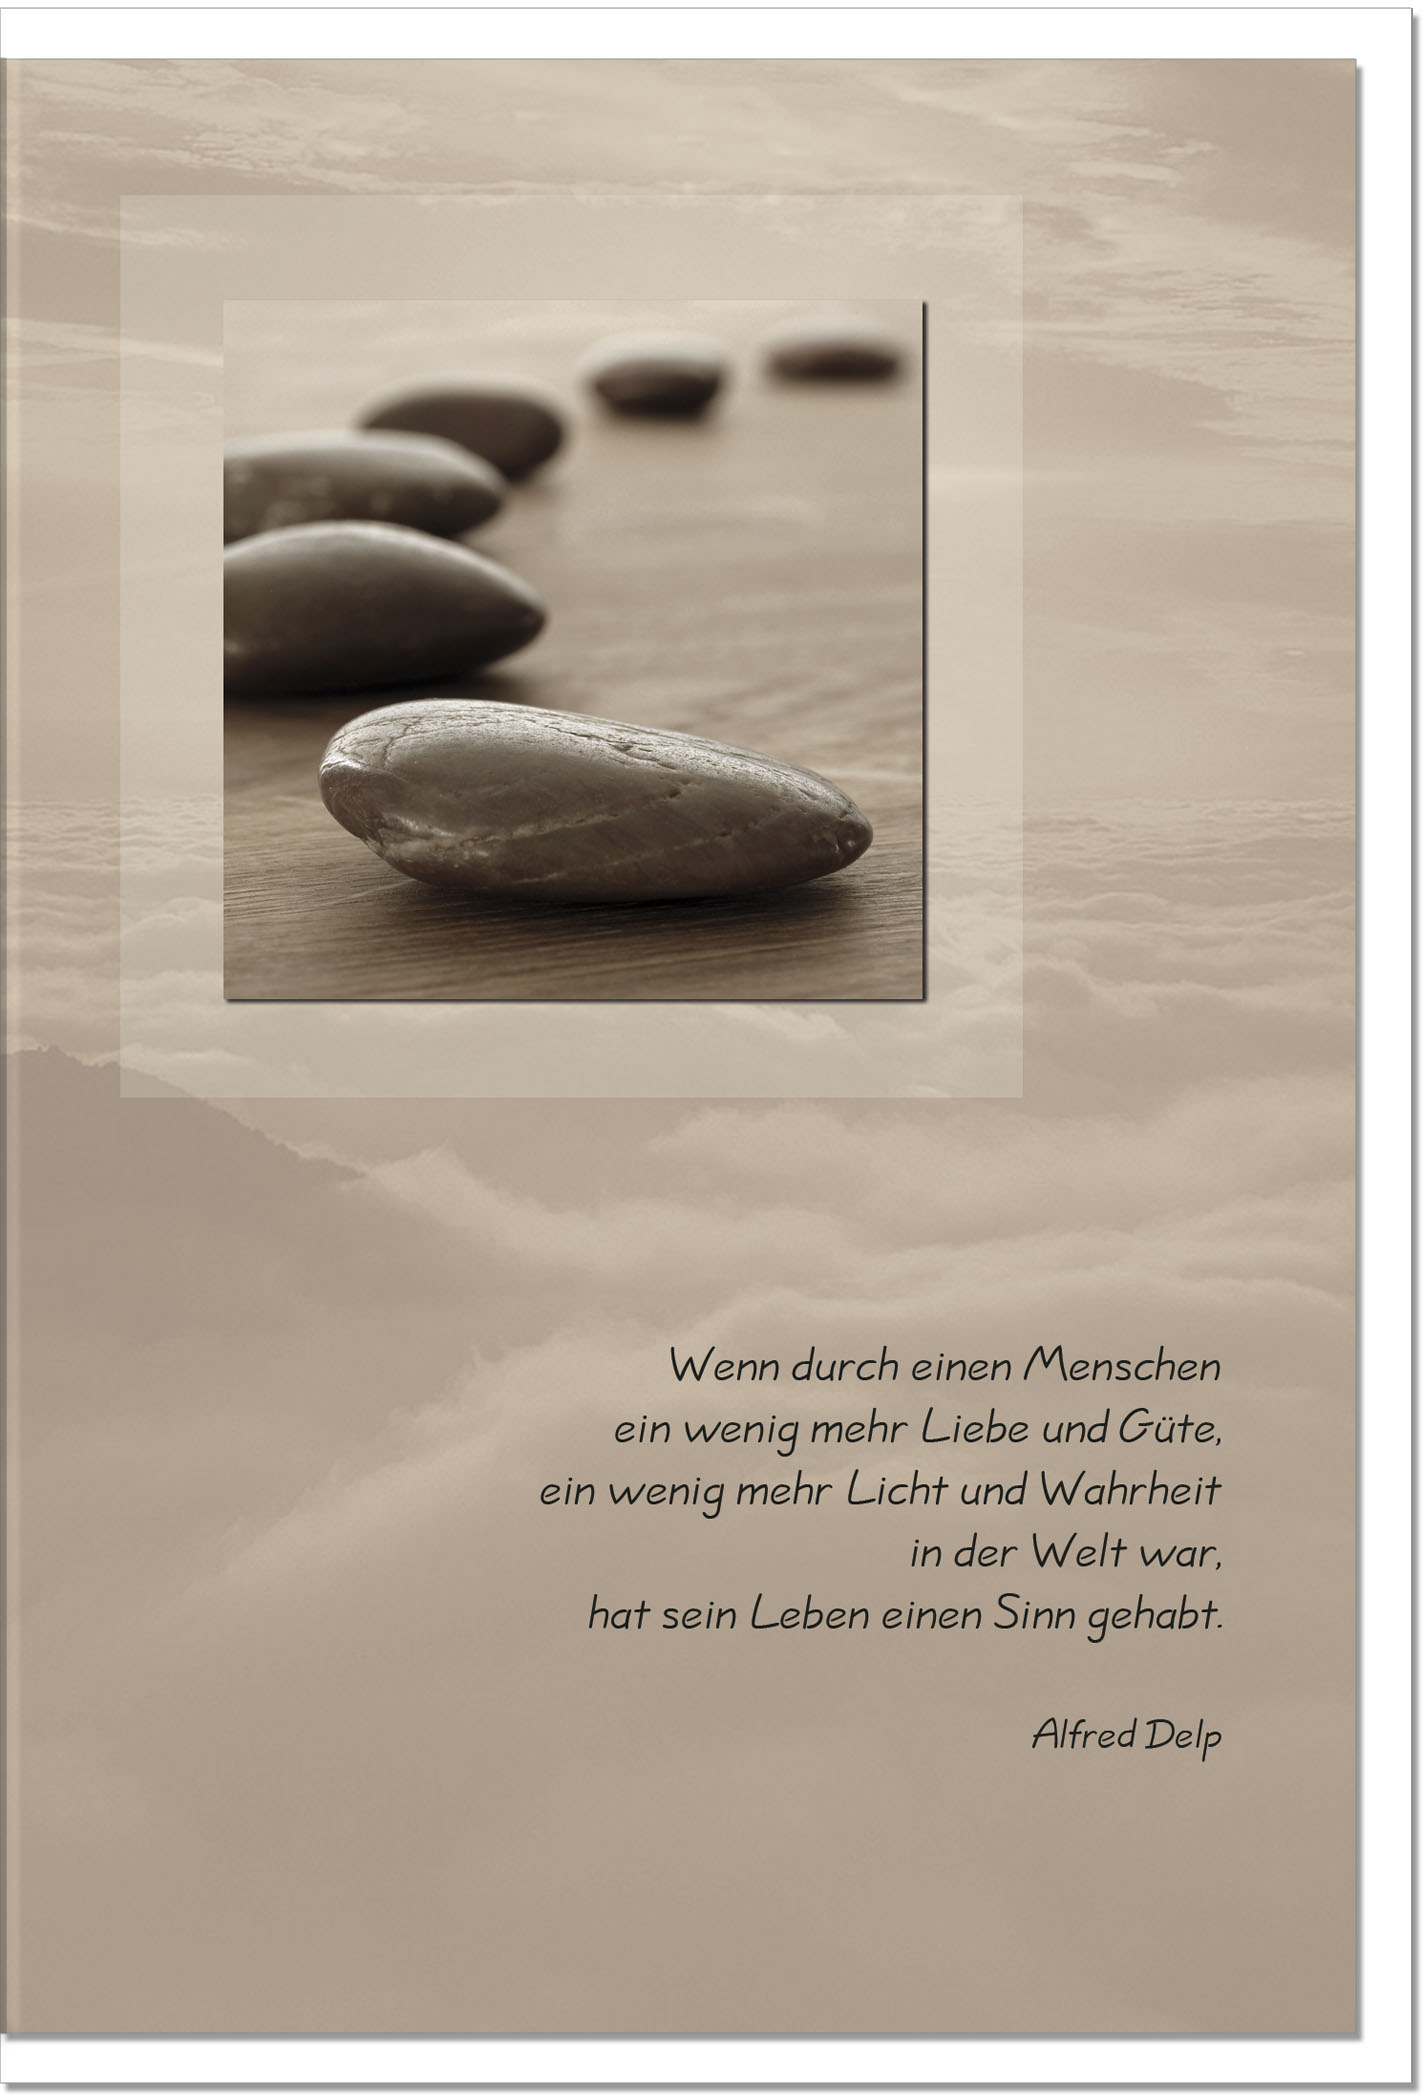 Trauerkarte LIEBE UND GÜTE | Steine im Sand | metALUm #00021